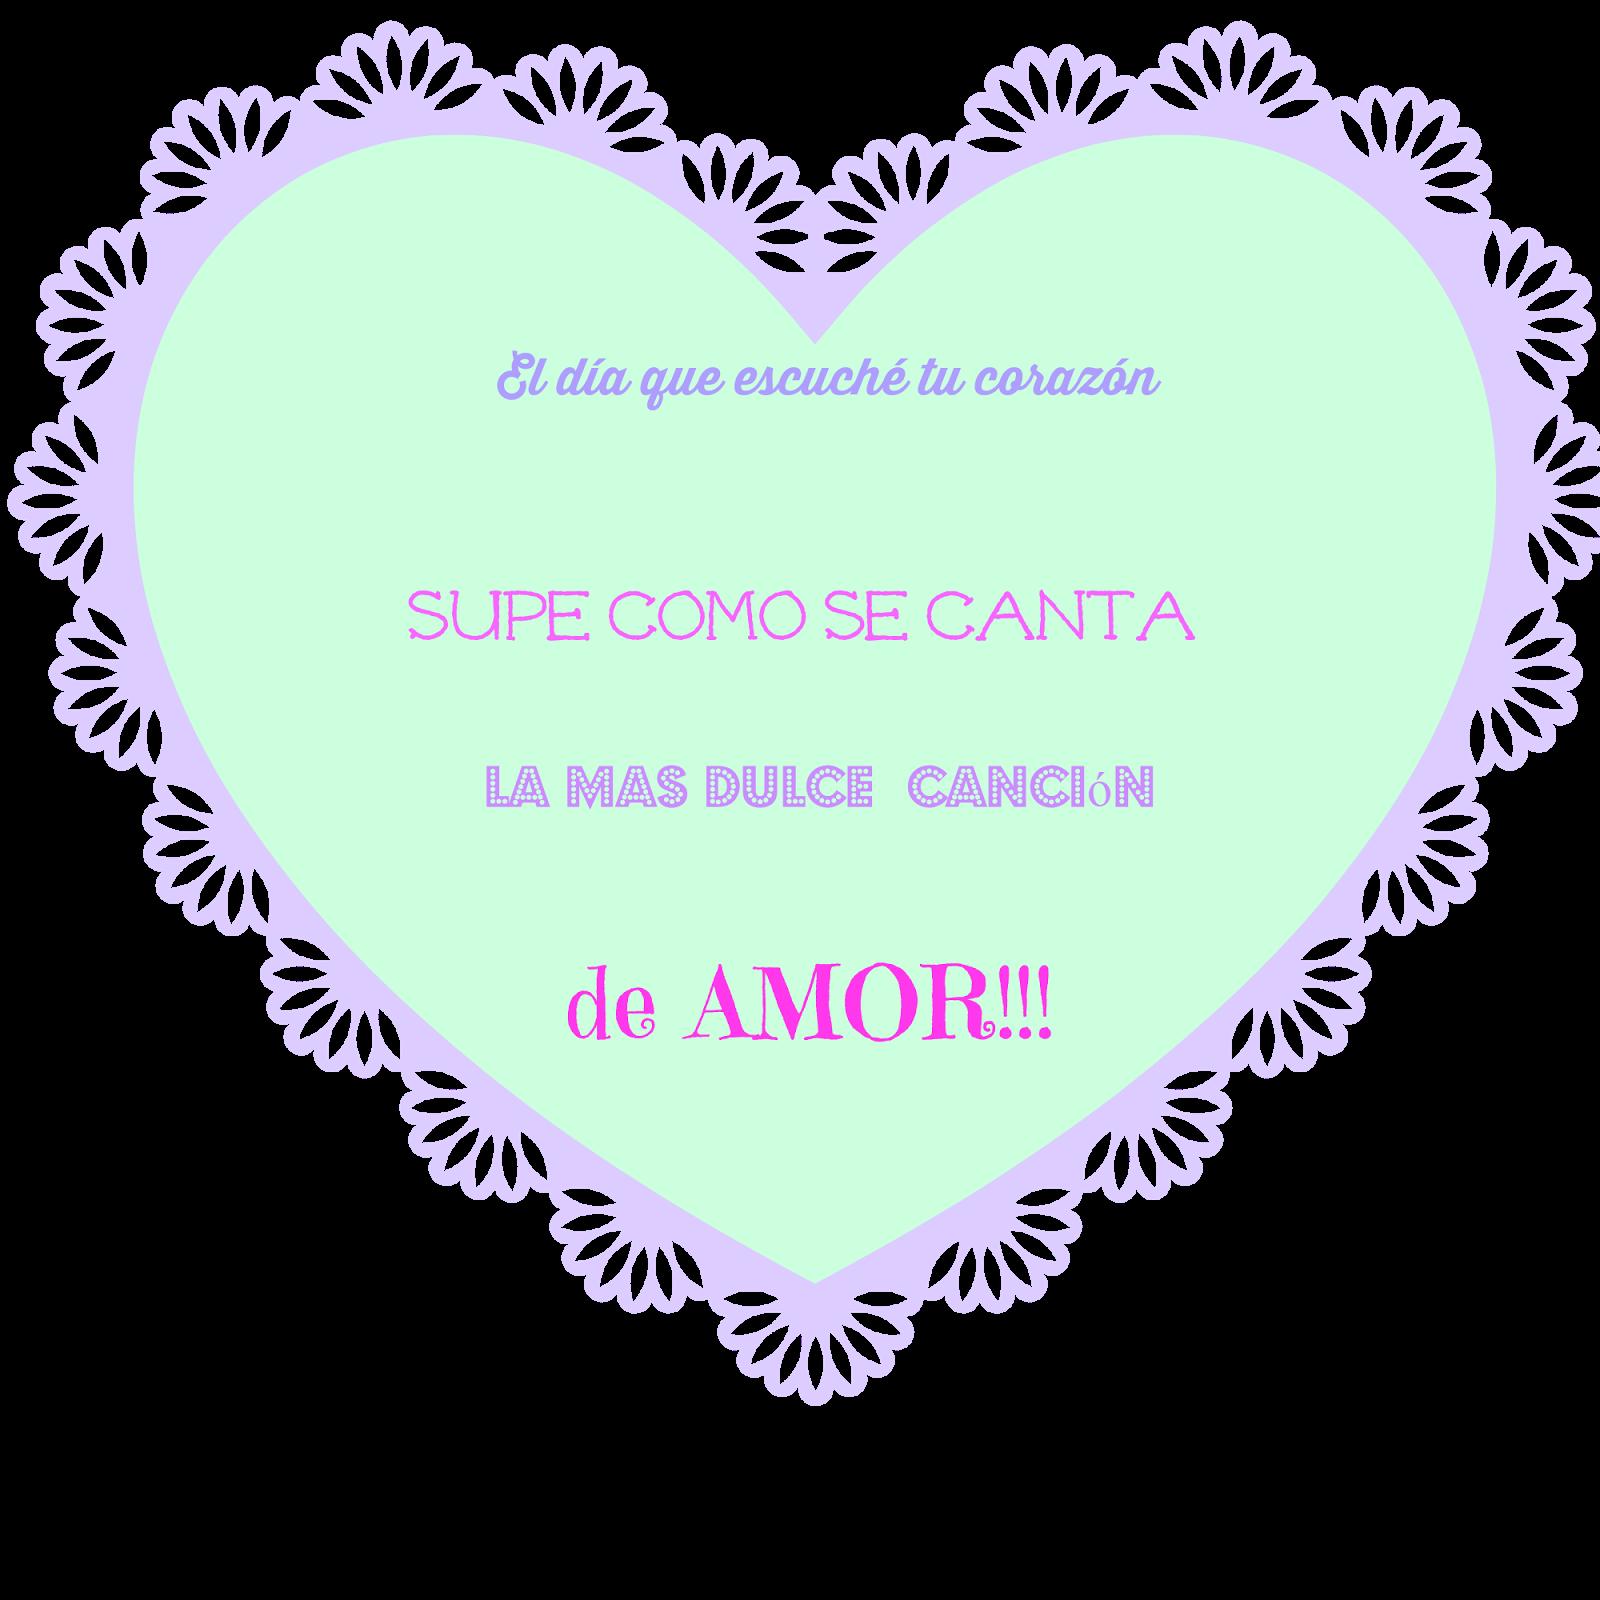 Canción de amor  -  http://laveradonna.blogspot.com.es/